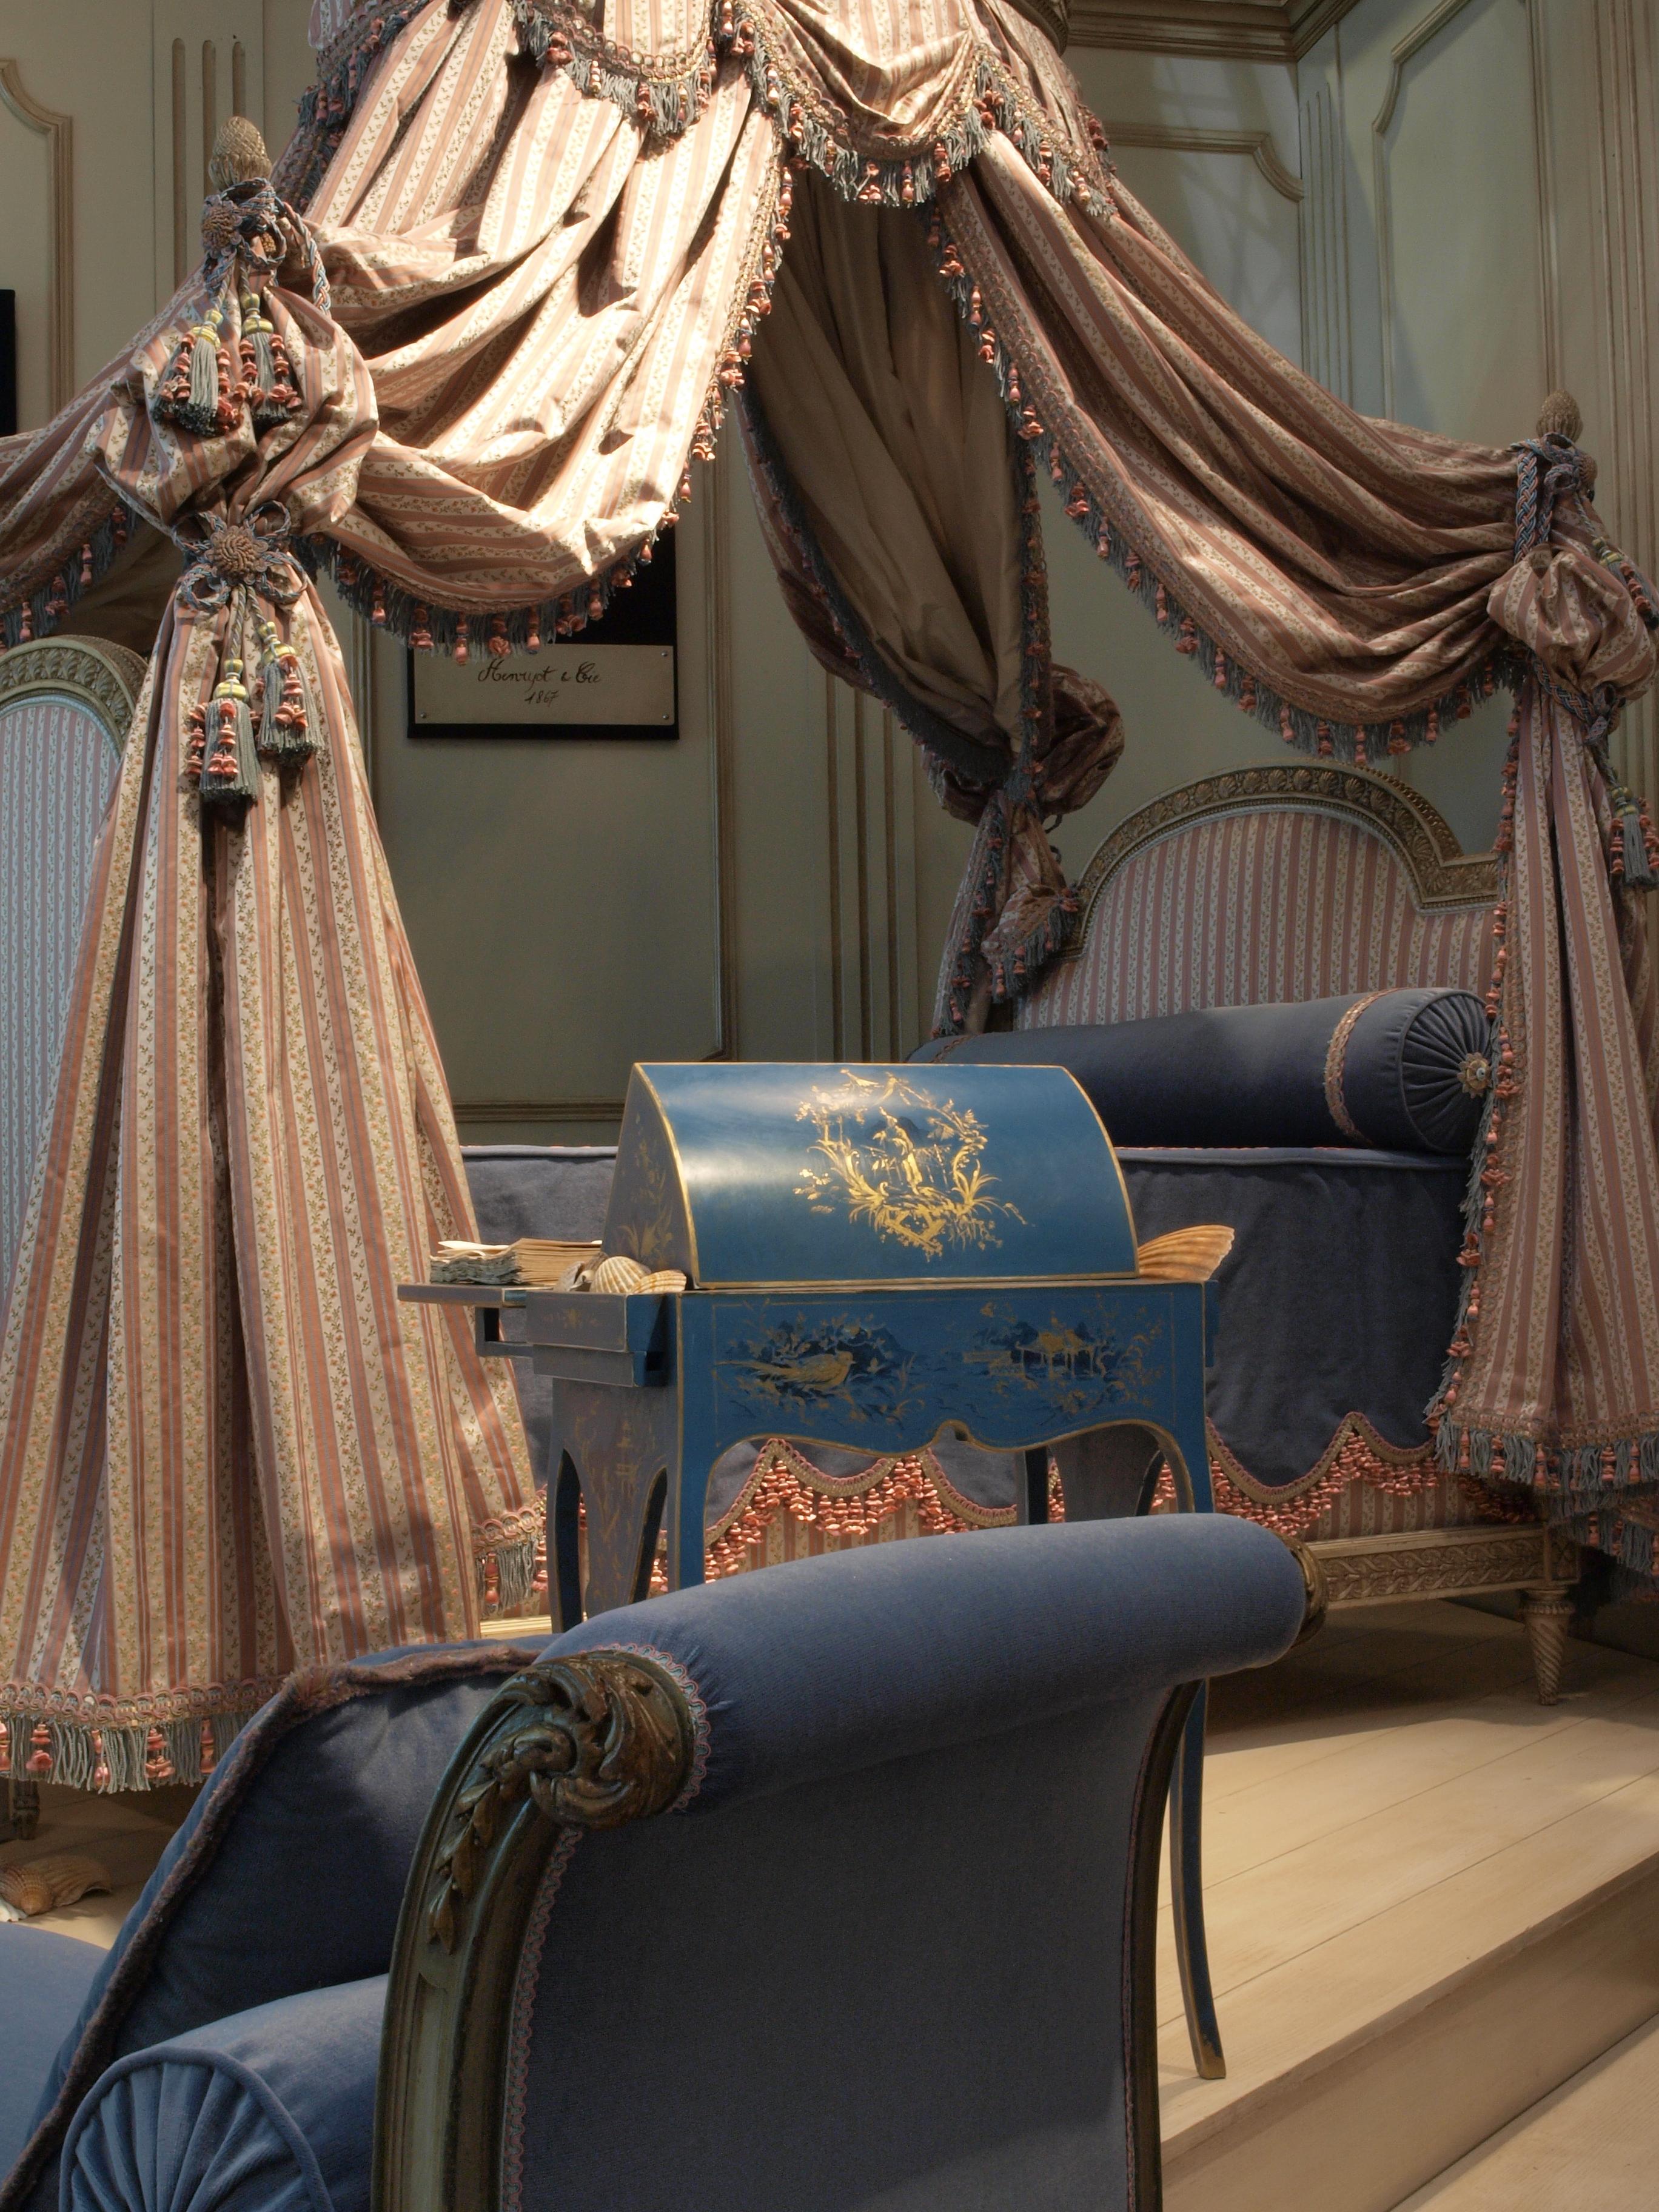 File r dition du lit pour la chambre des bains de louis - Chambre toile de jouy ...